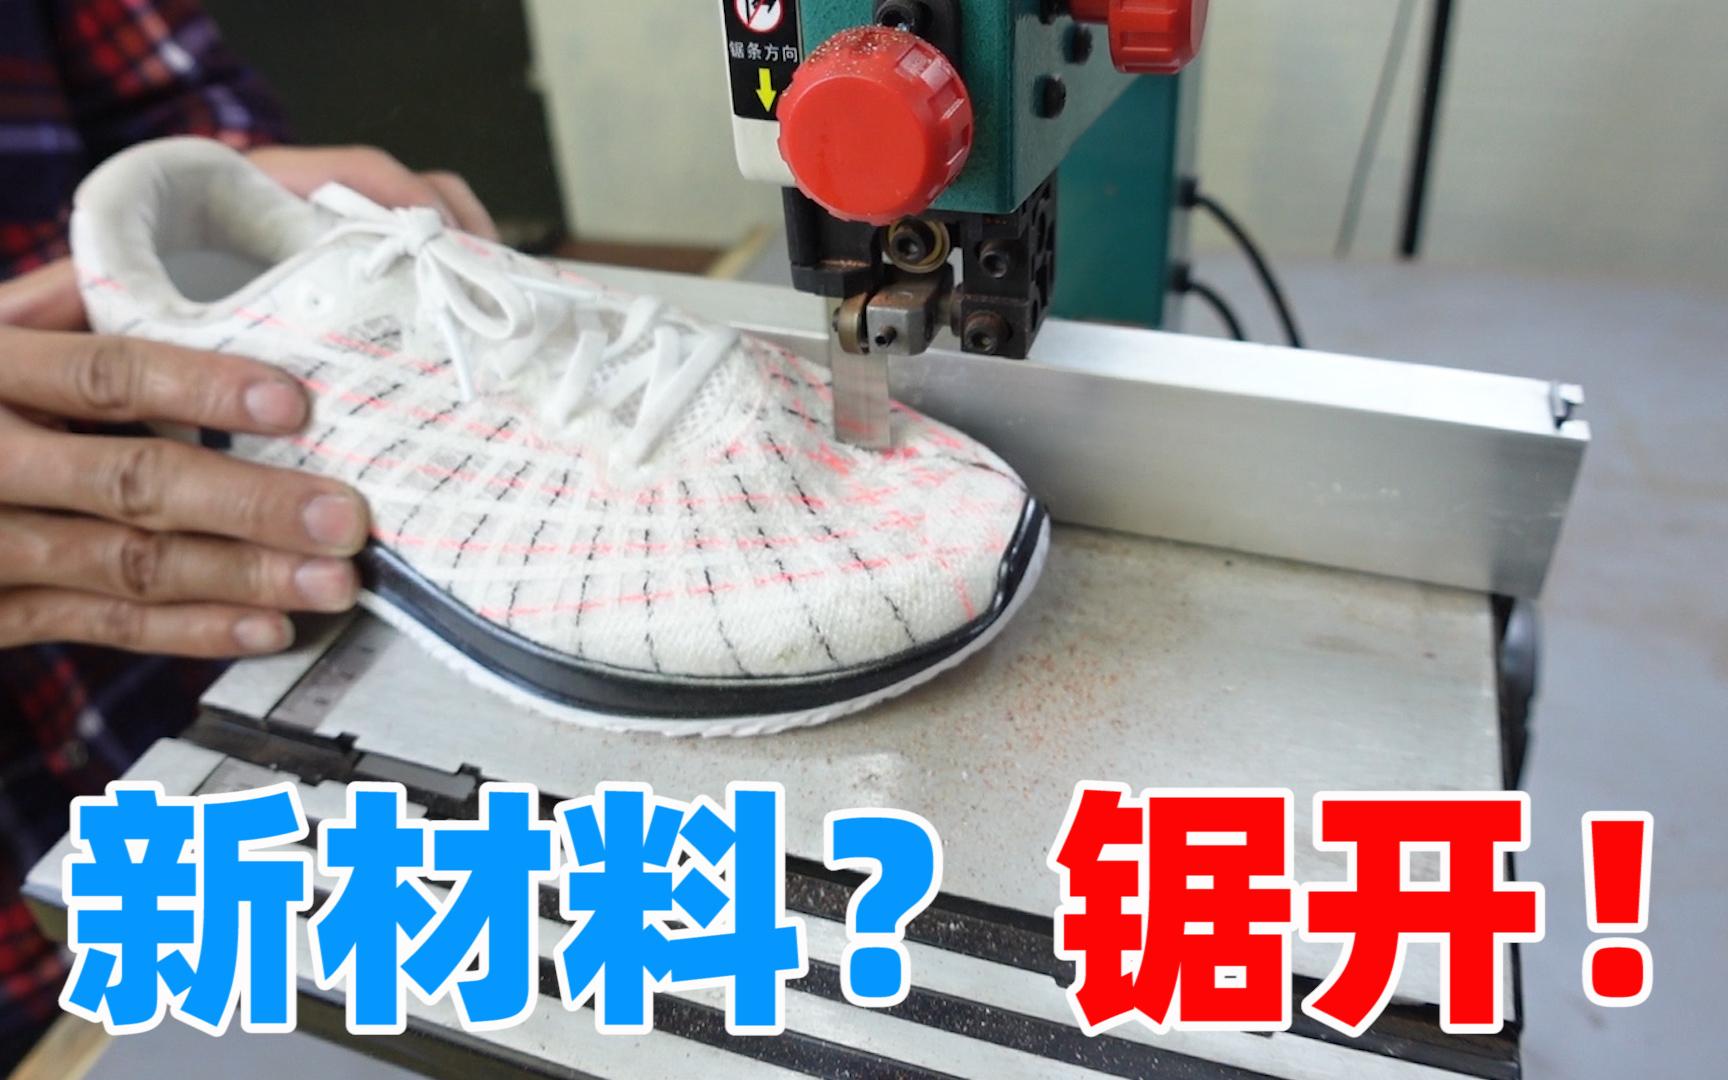 锯开看看安德玛跑步鞋是如何做到轻盈且透气的